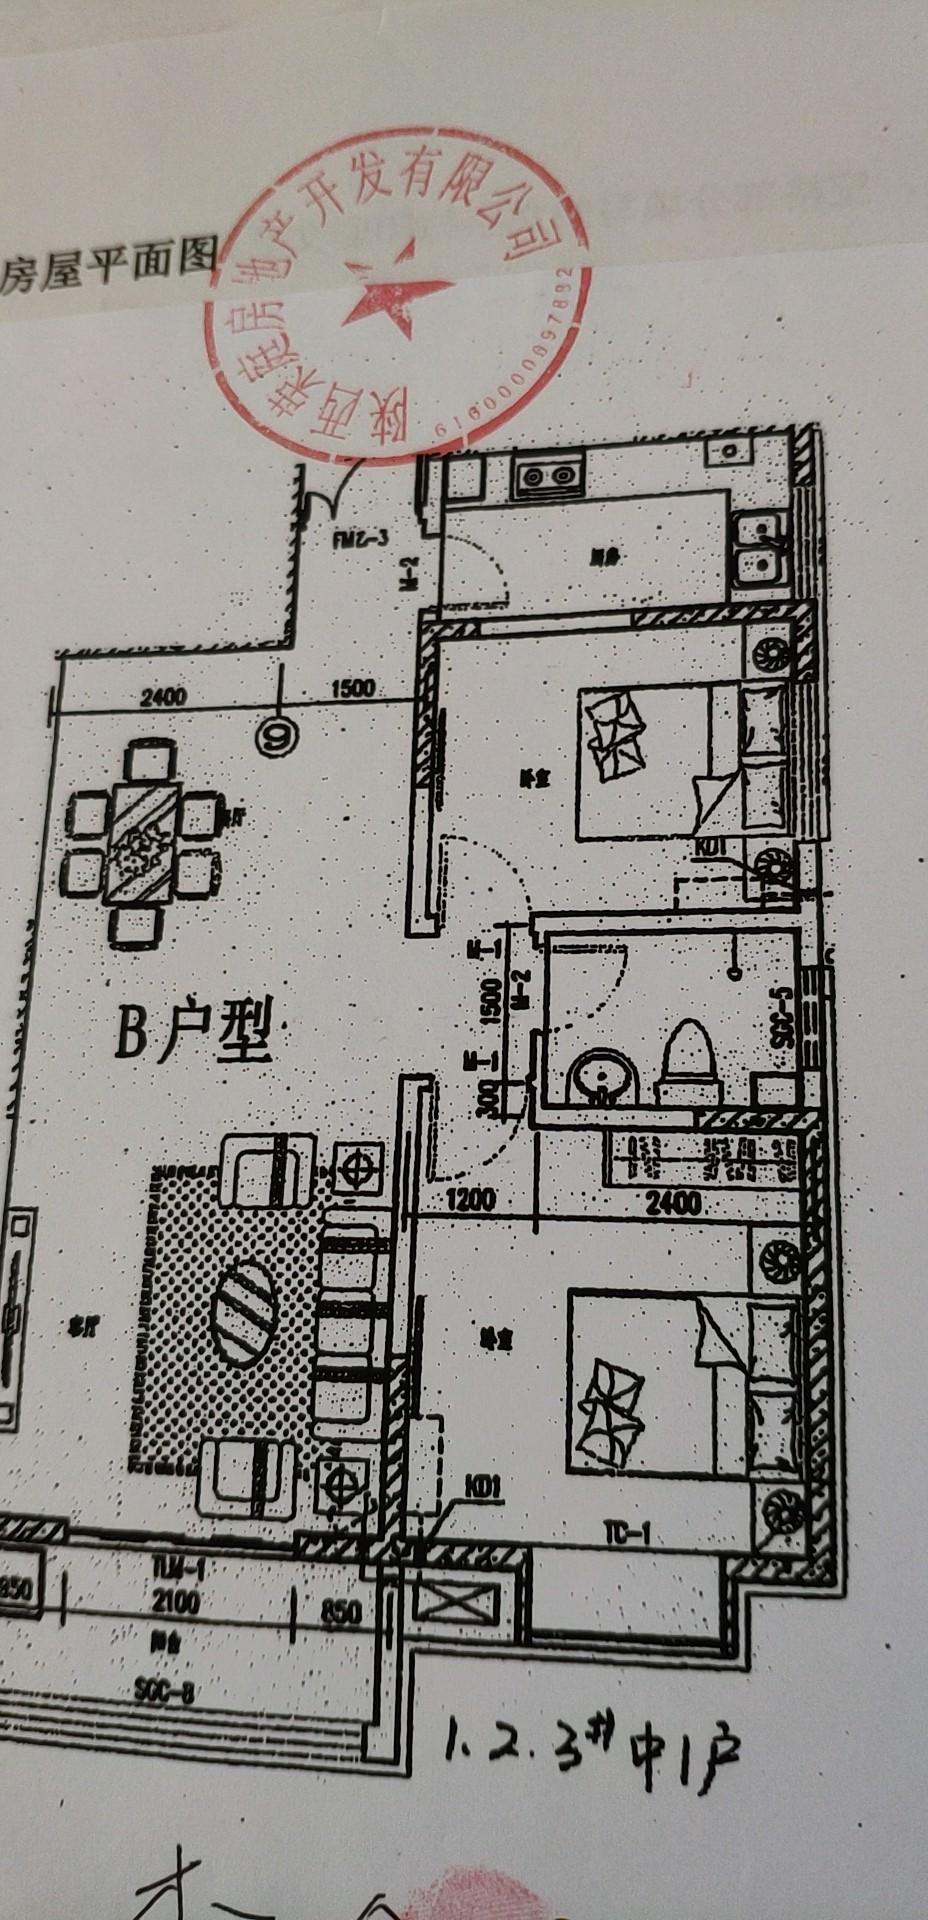 生态家苑2室 2厅 1卫47万元包过户费用